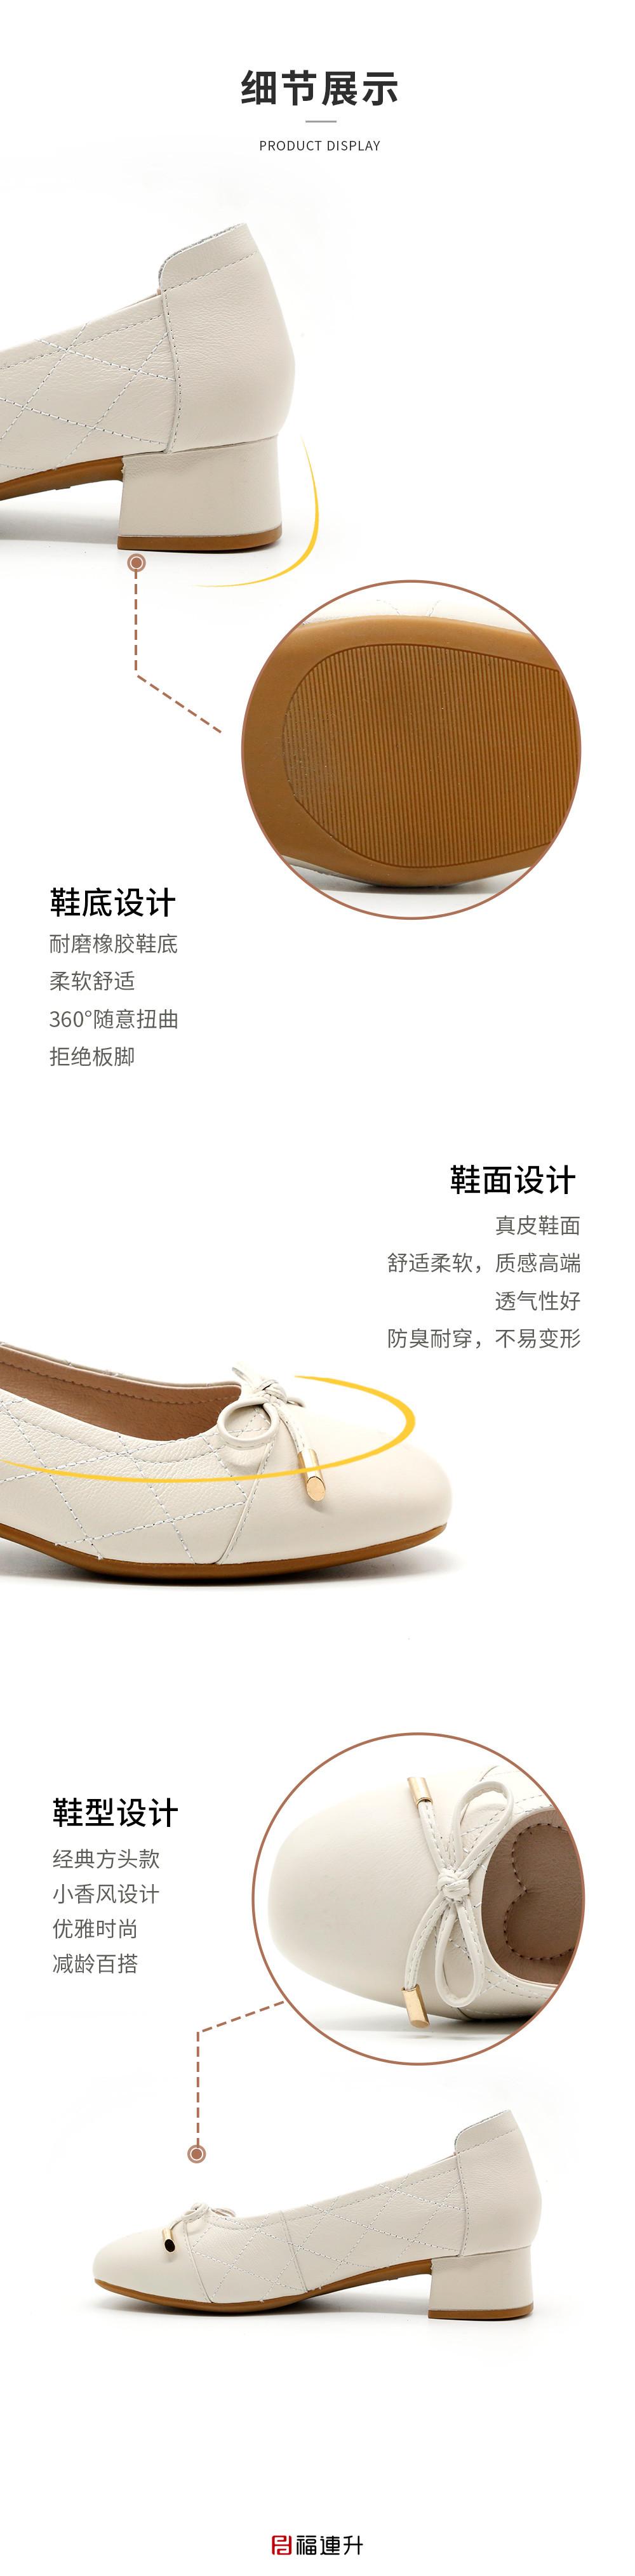 福连升休闲鞋女士小香风粗跟圆头蝴蝶结棉麻舒适牛皮橡胶图片